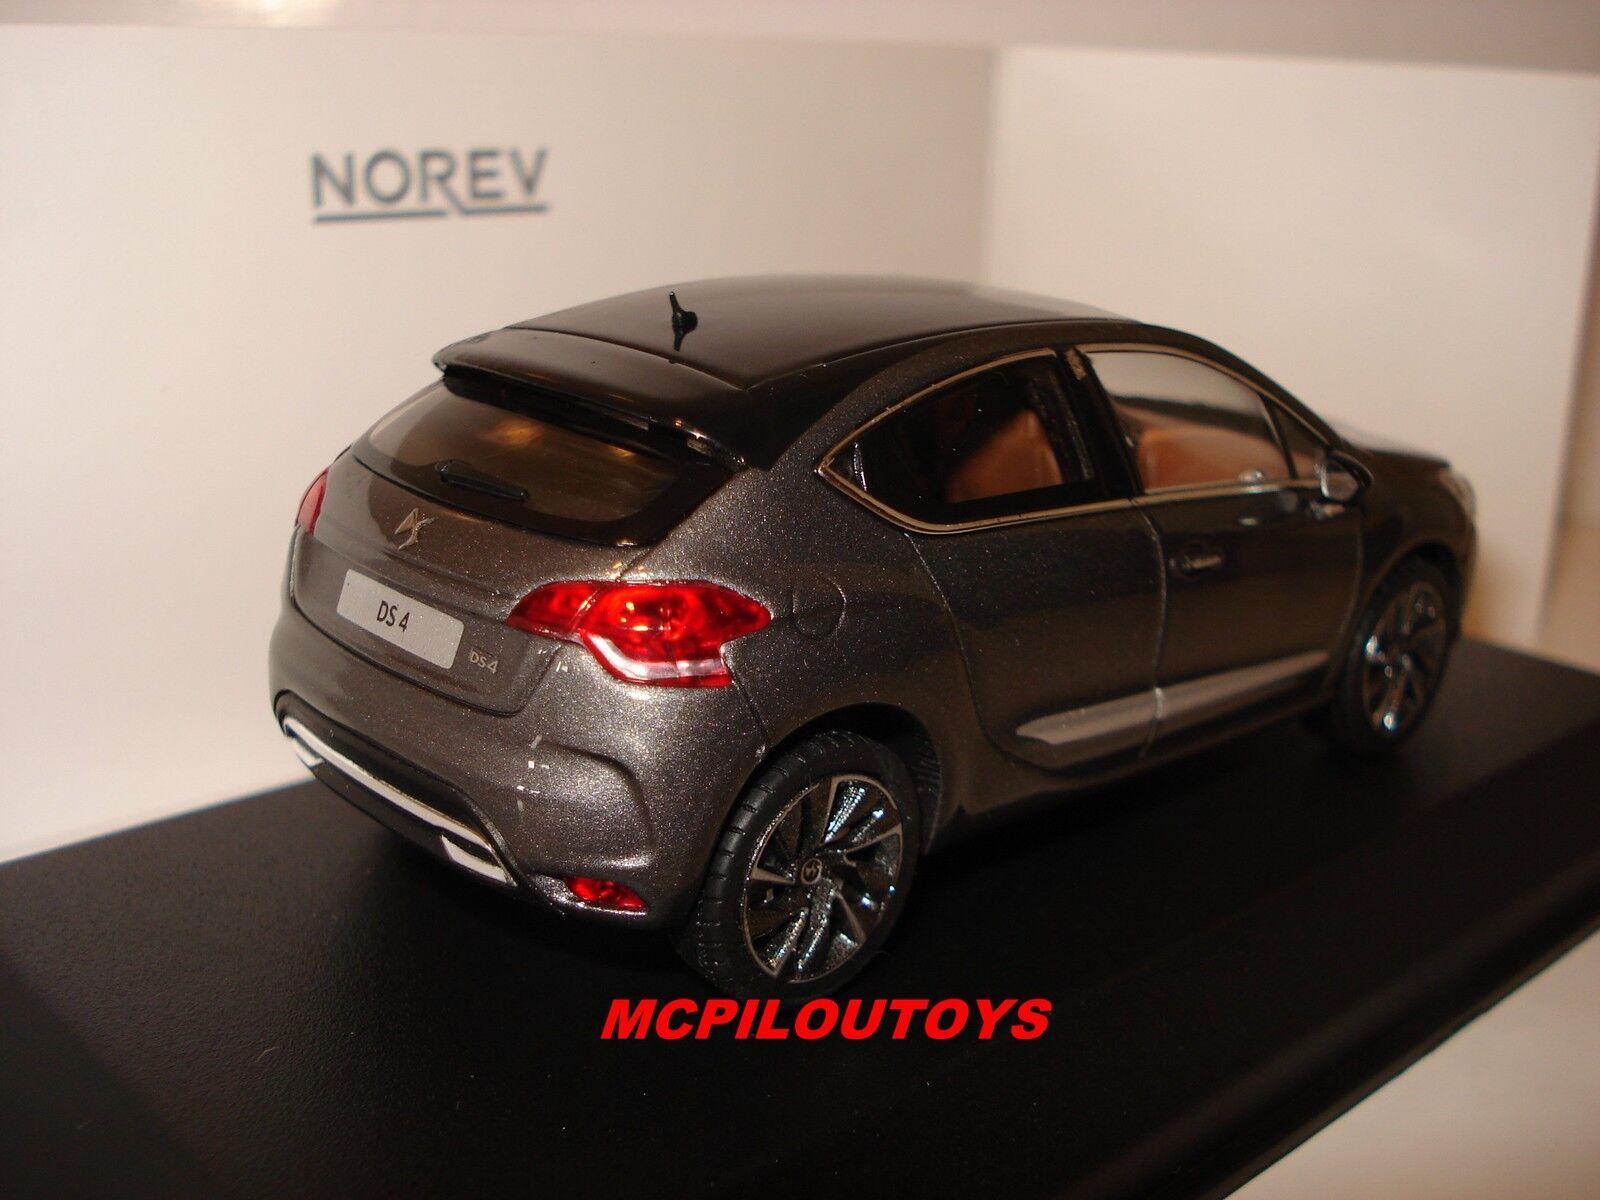 Norev citroen DS 4 Platinum grey grey grey black Dach 2015 au 1 43° 775902